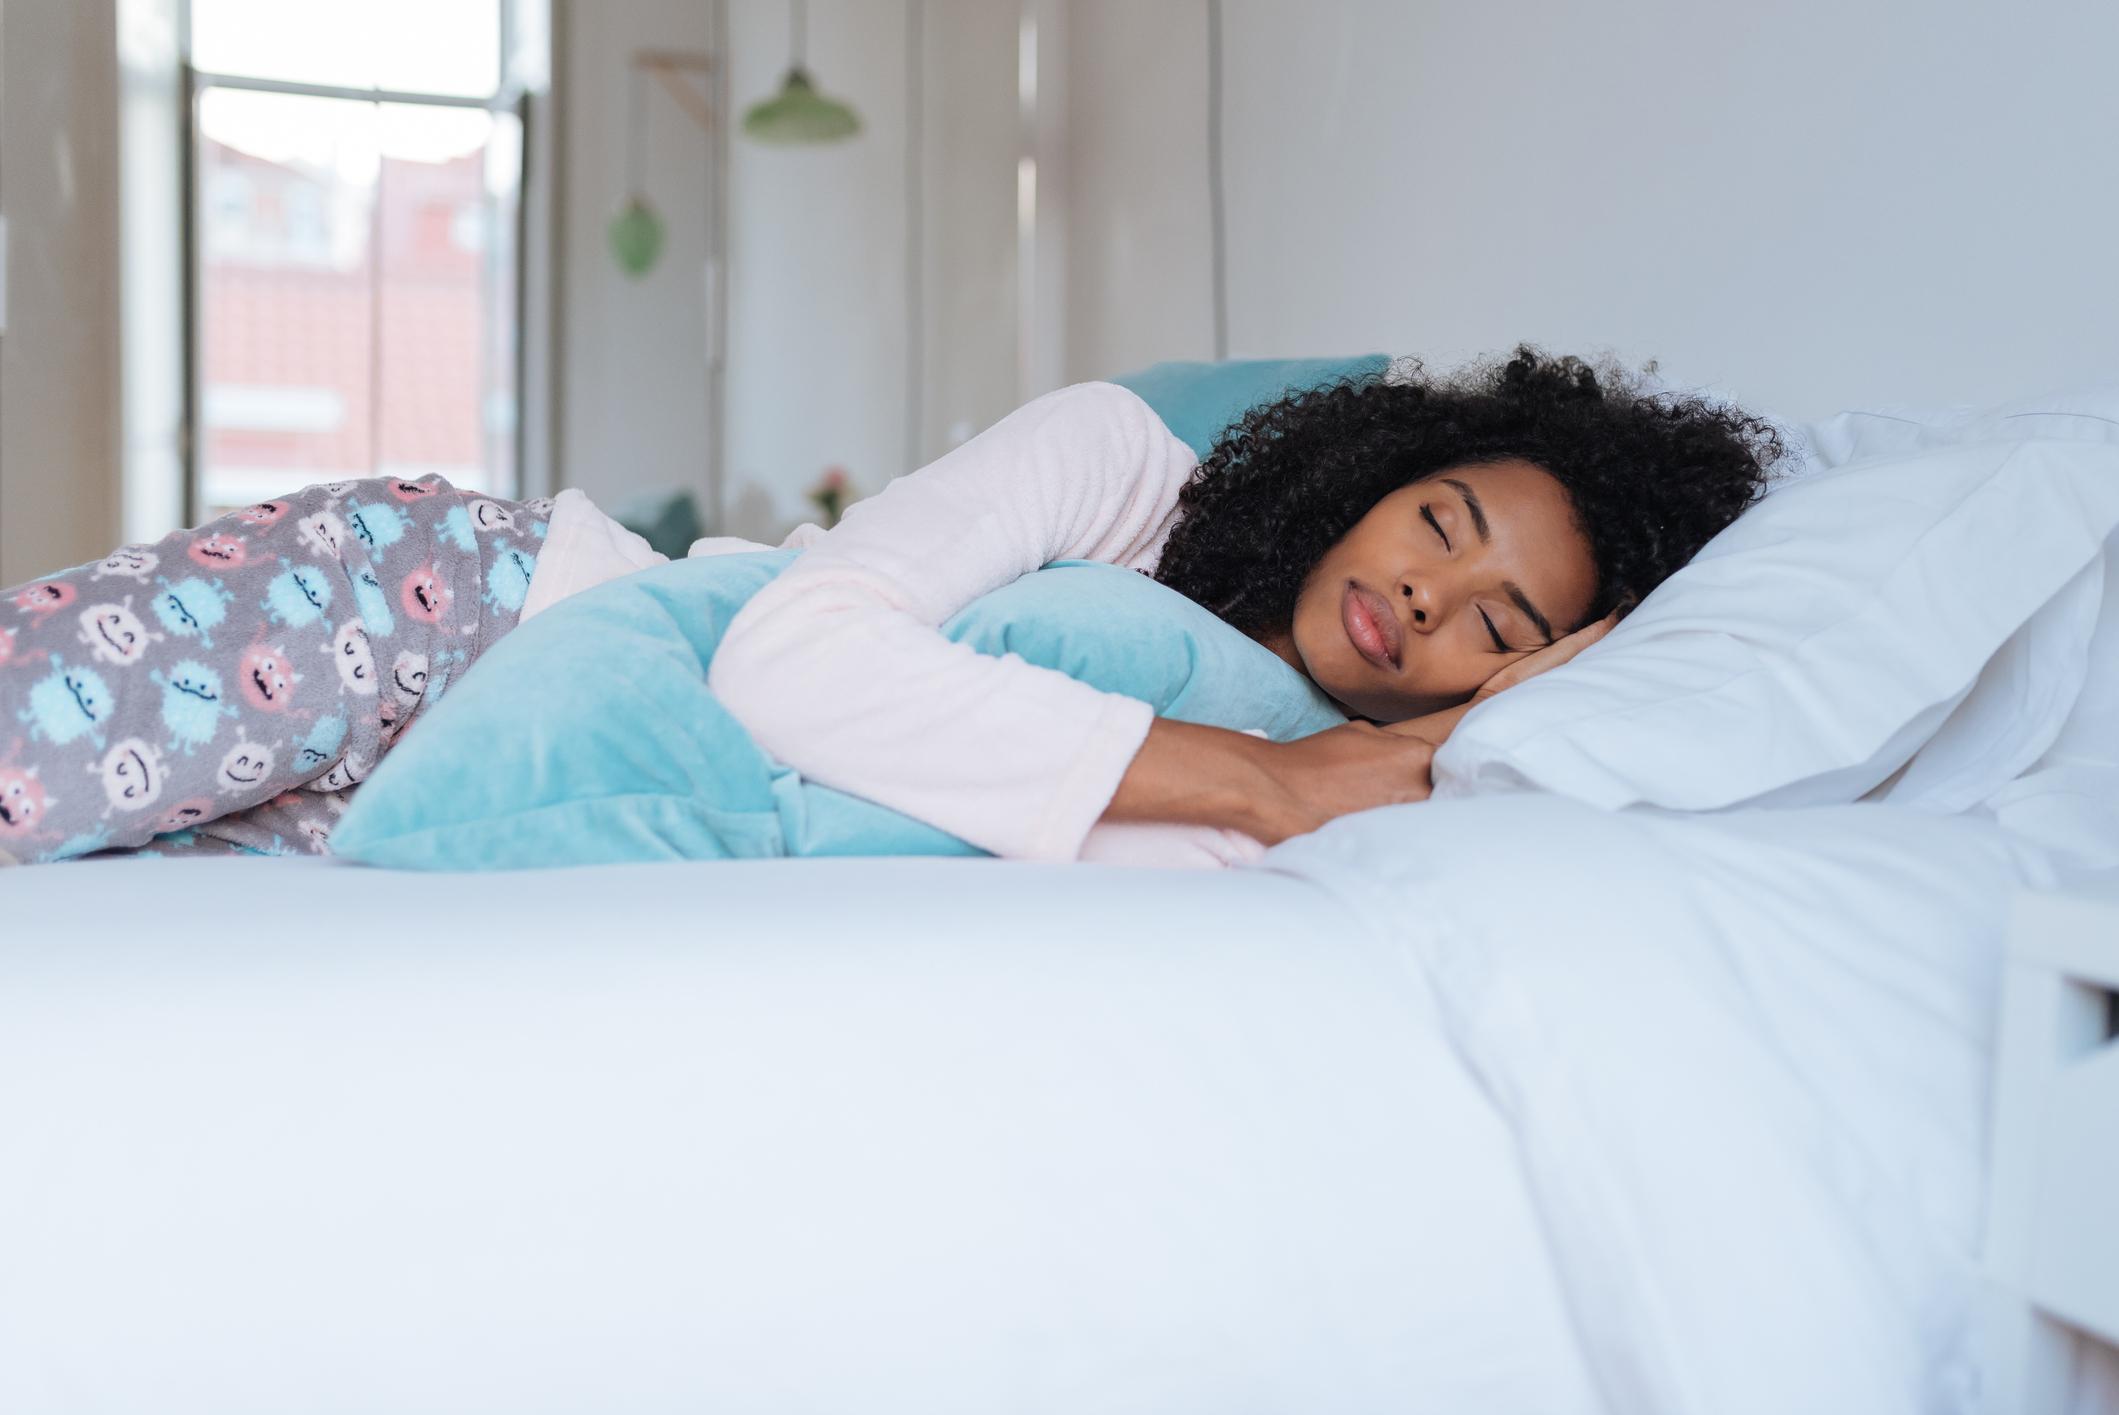 Cerca de 2 milhões de pessoas sofrem com insônia, distúrbio que prejudica o adormecer ou impede a pessoa de permanecer dormindo.